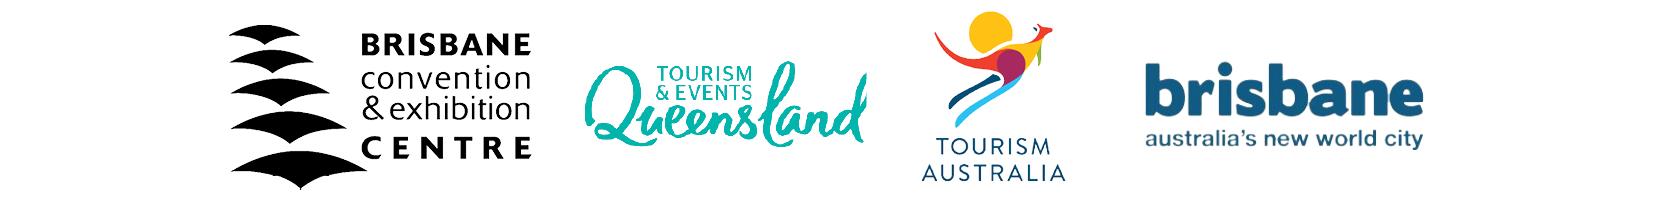 bid partners logos